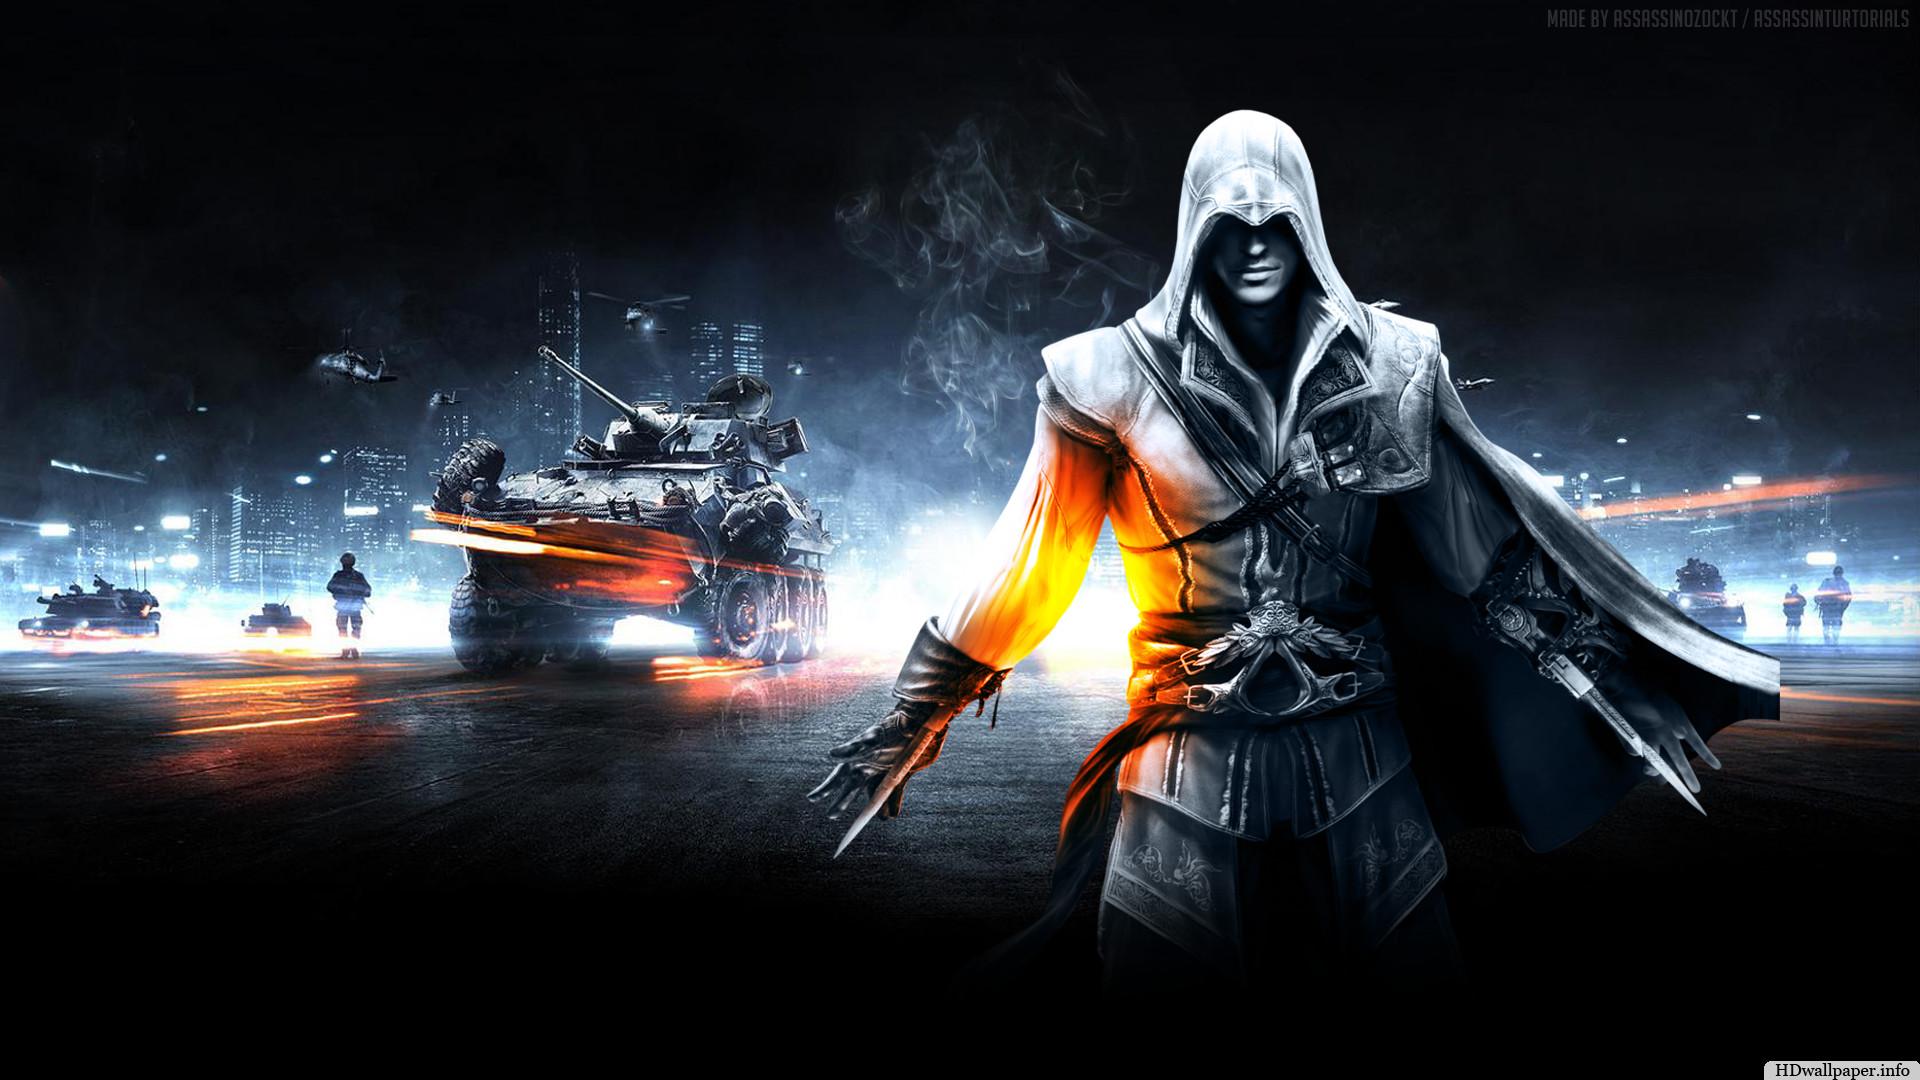 Video Games Desktop Wallpaper – https://hdwallpaper.info/video-games